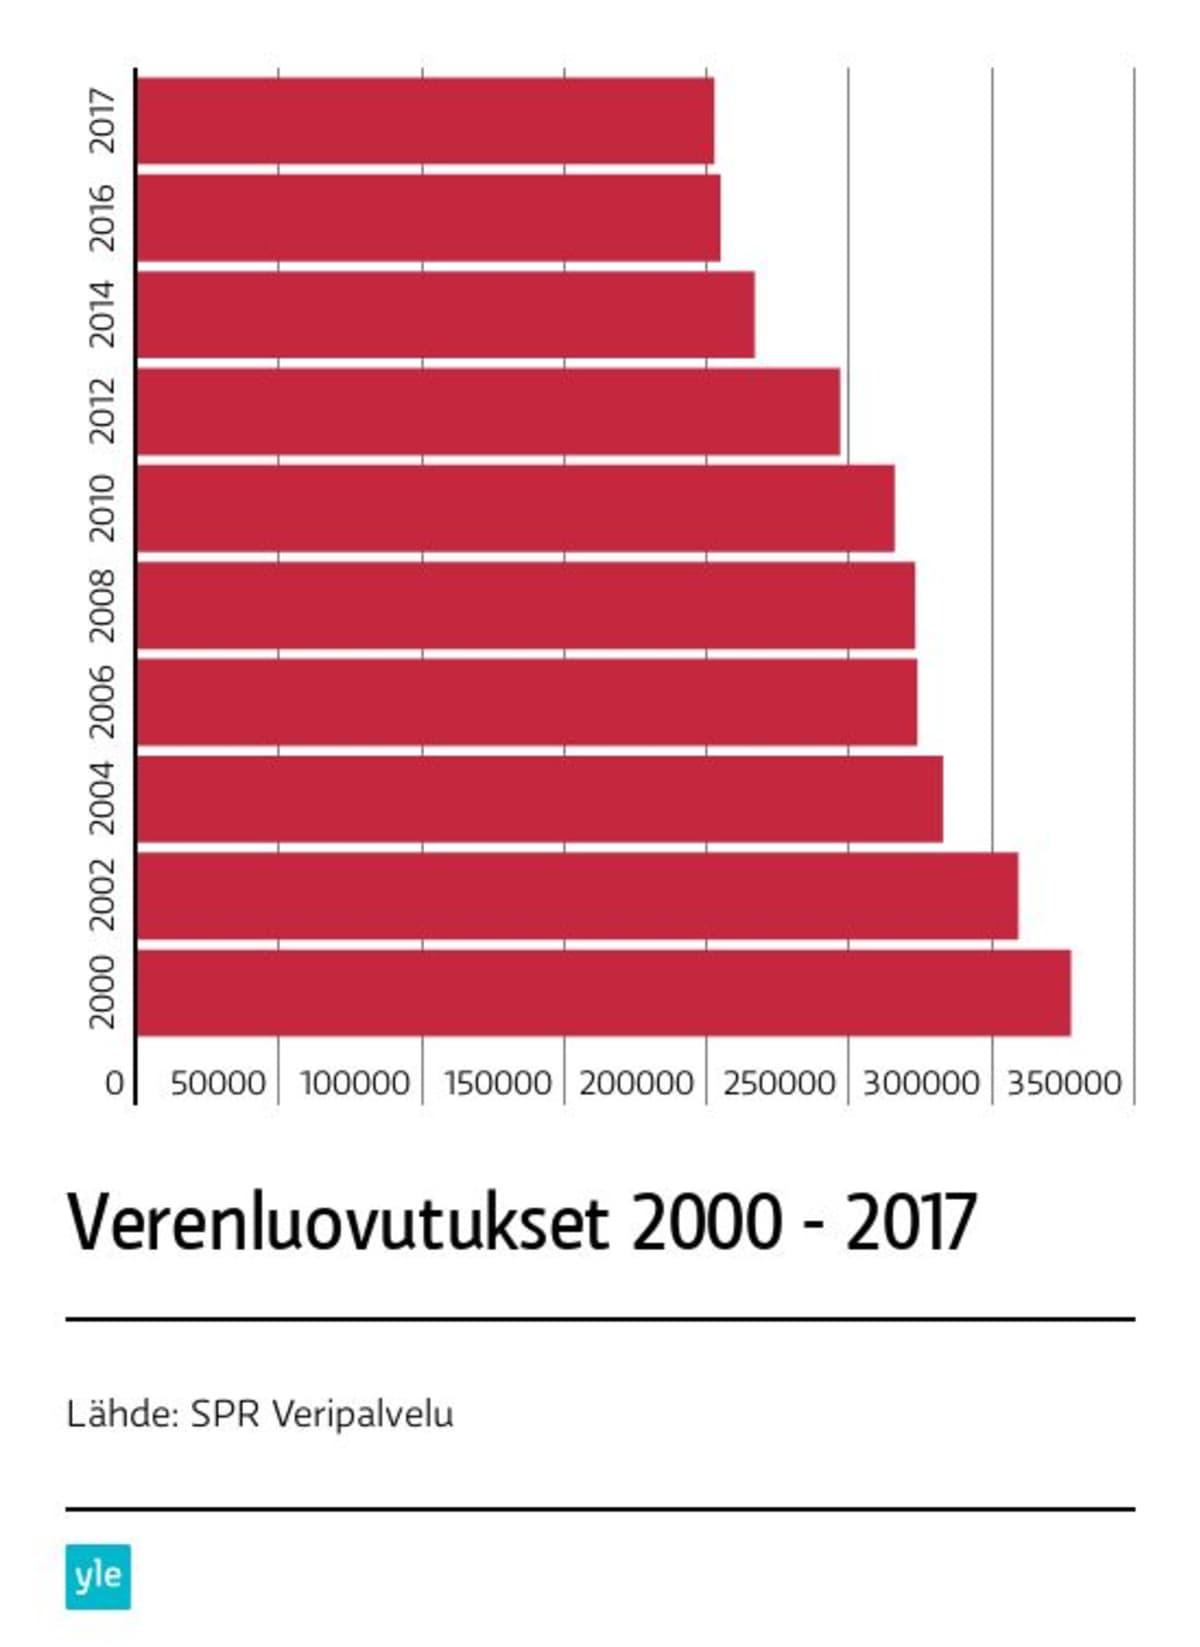 Kokoverenluovutusten määrä on vähentynyt.